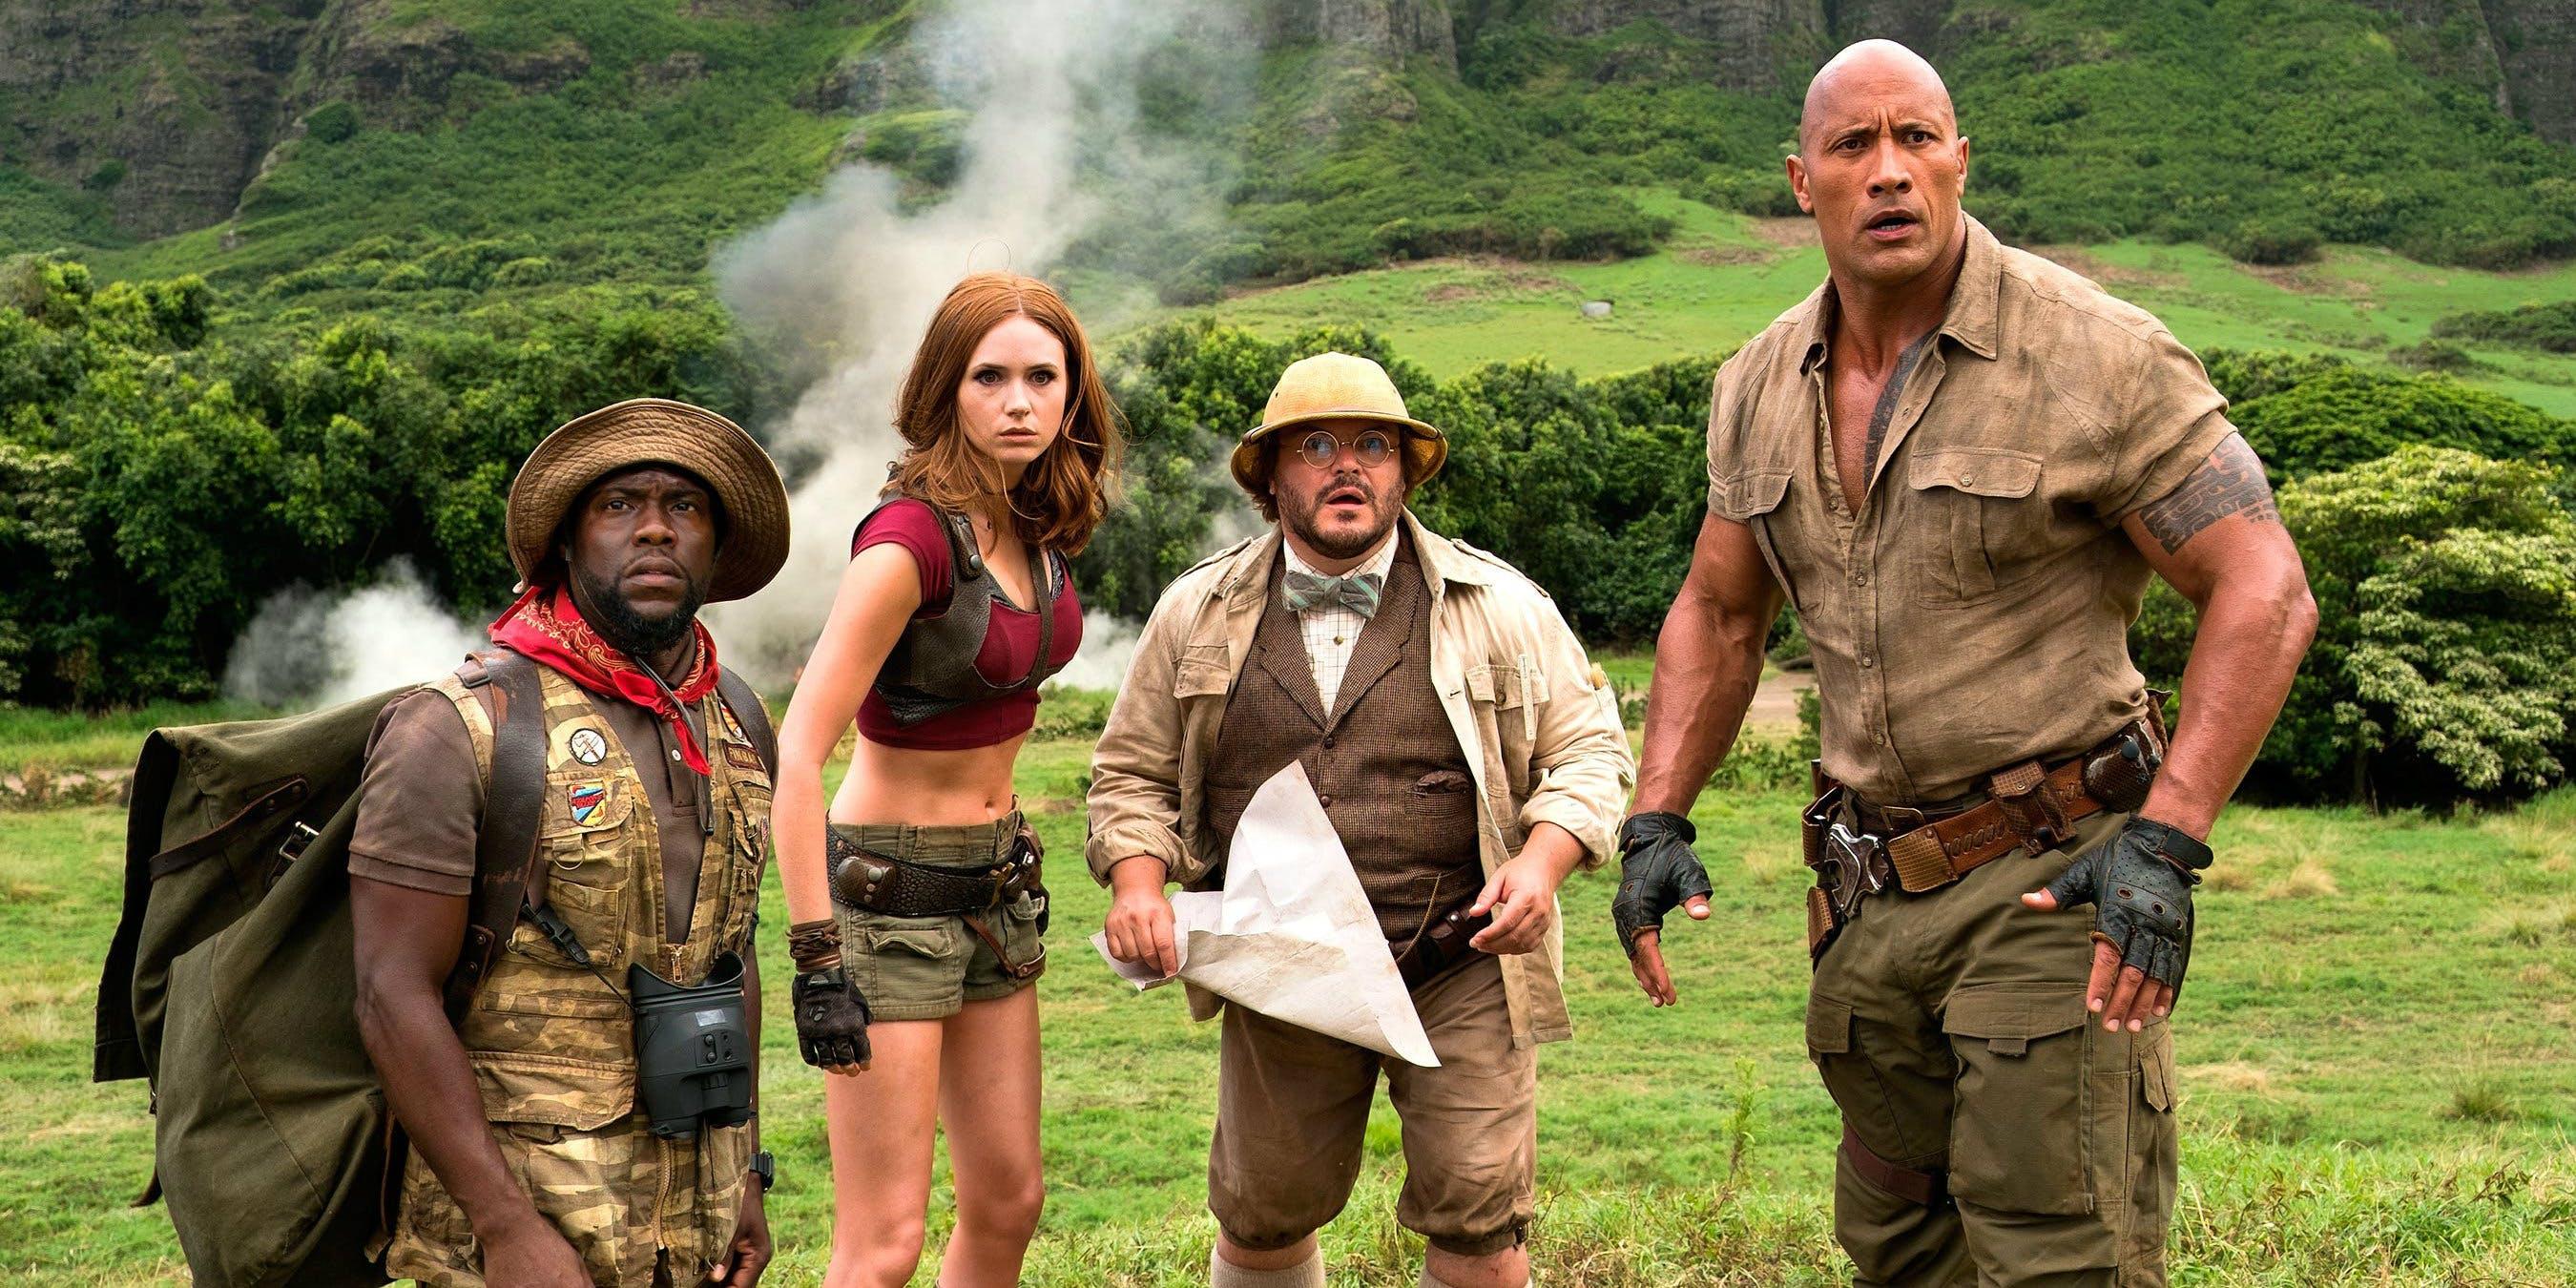 Jumanji-Welcome-to-the-Jungle-cast